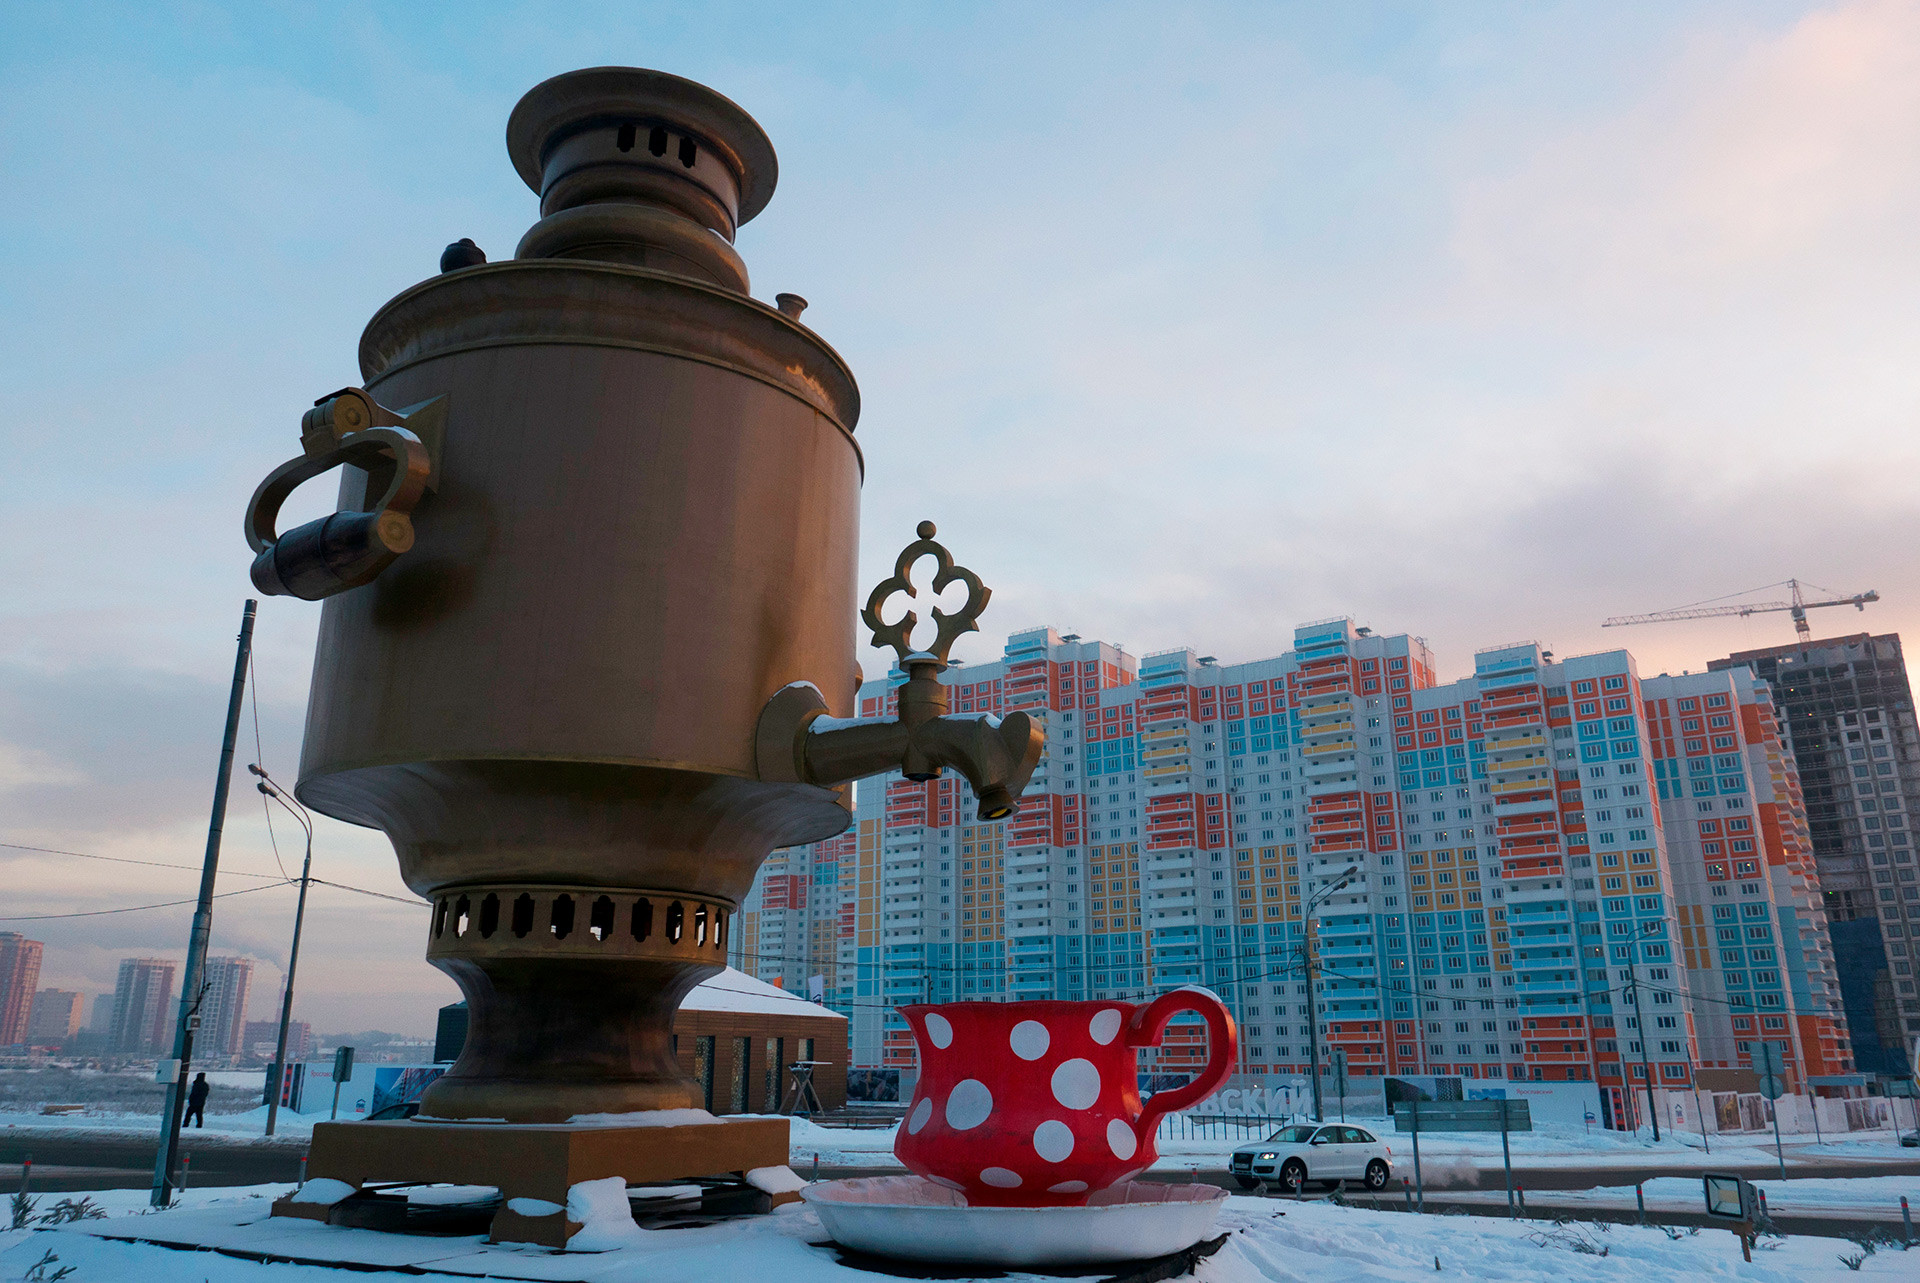 Восьмиметровая скульптура самовара в городе Мытищи Московской области.